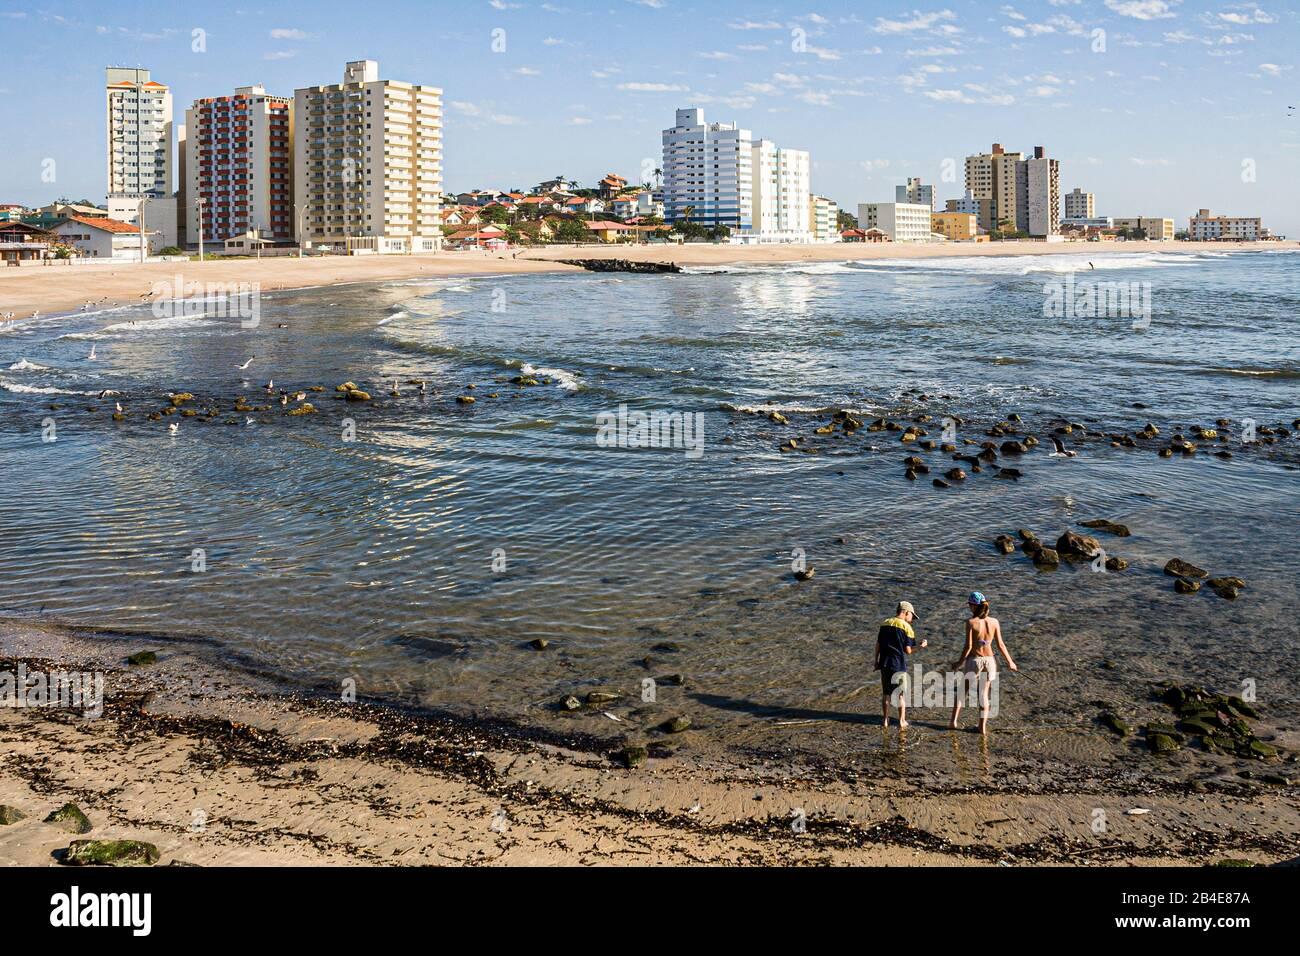 Barra Velha Santa Catarina fonte: c8.alamy.com